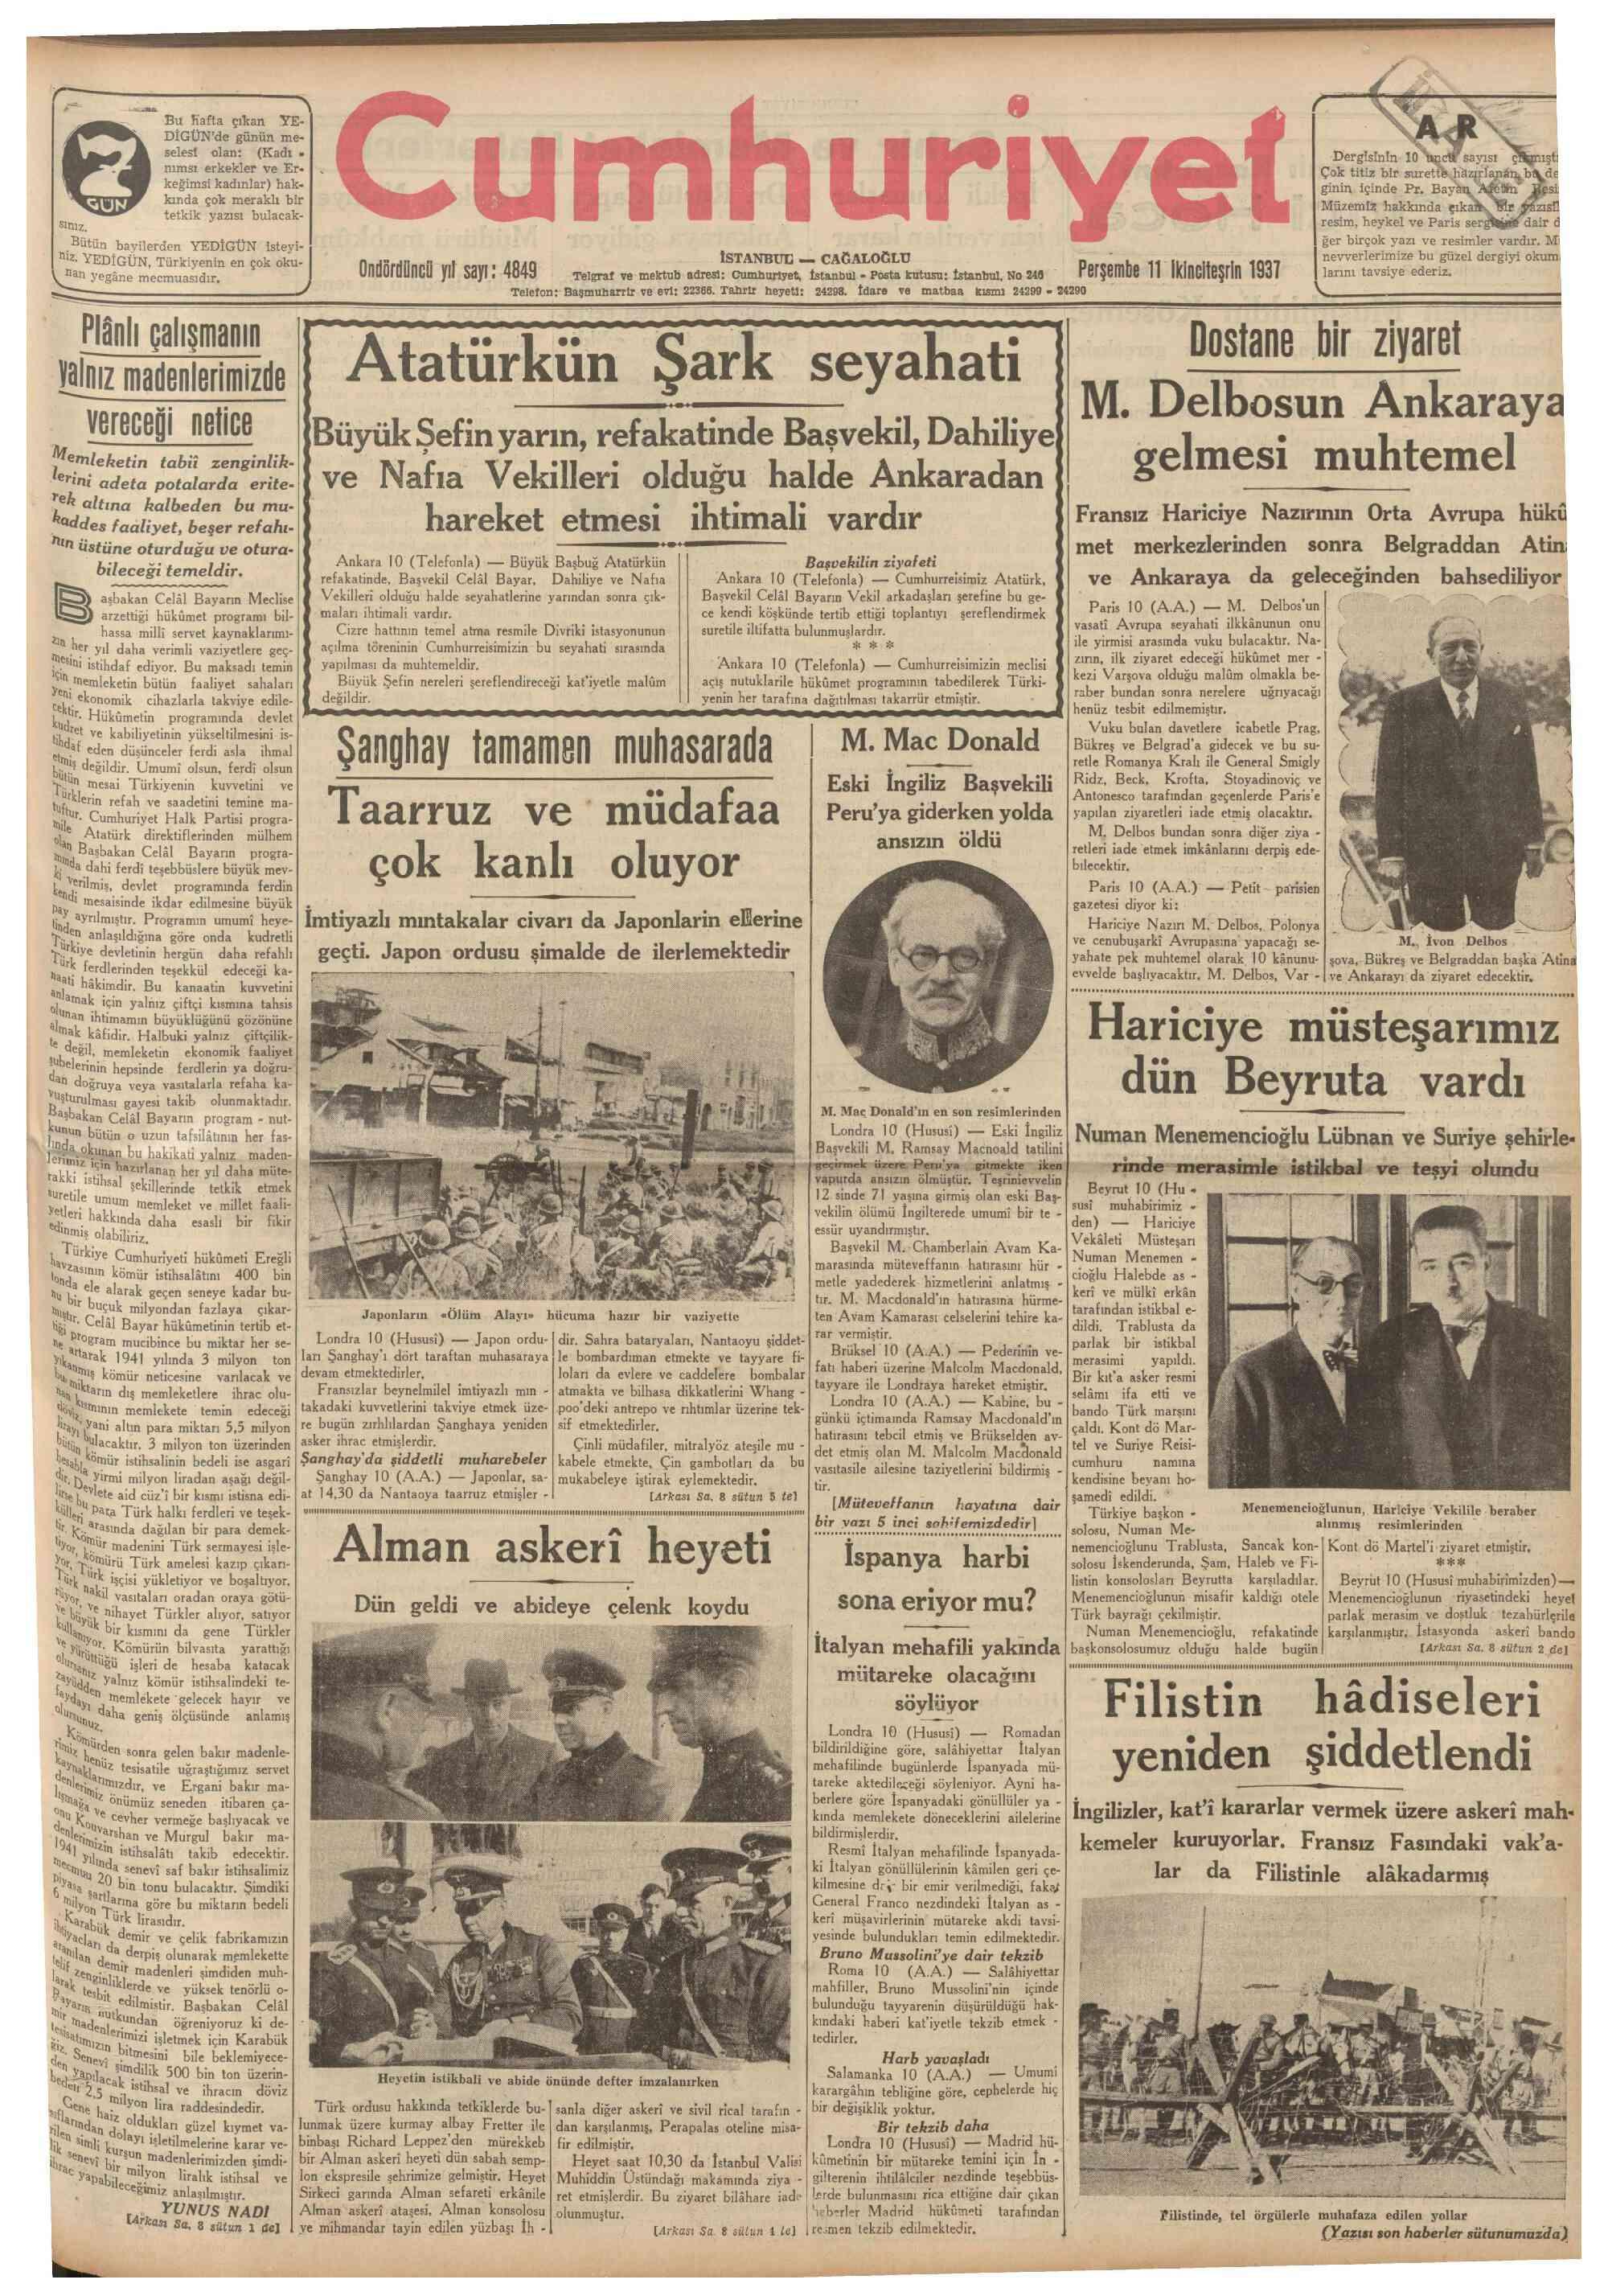 11 Kasım 1937 Tarihli Cumhuriyet Gazetesi Sayfa 1